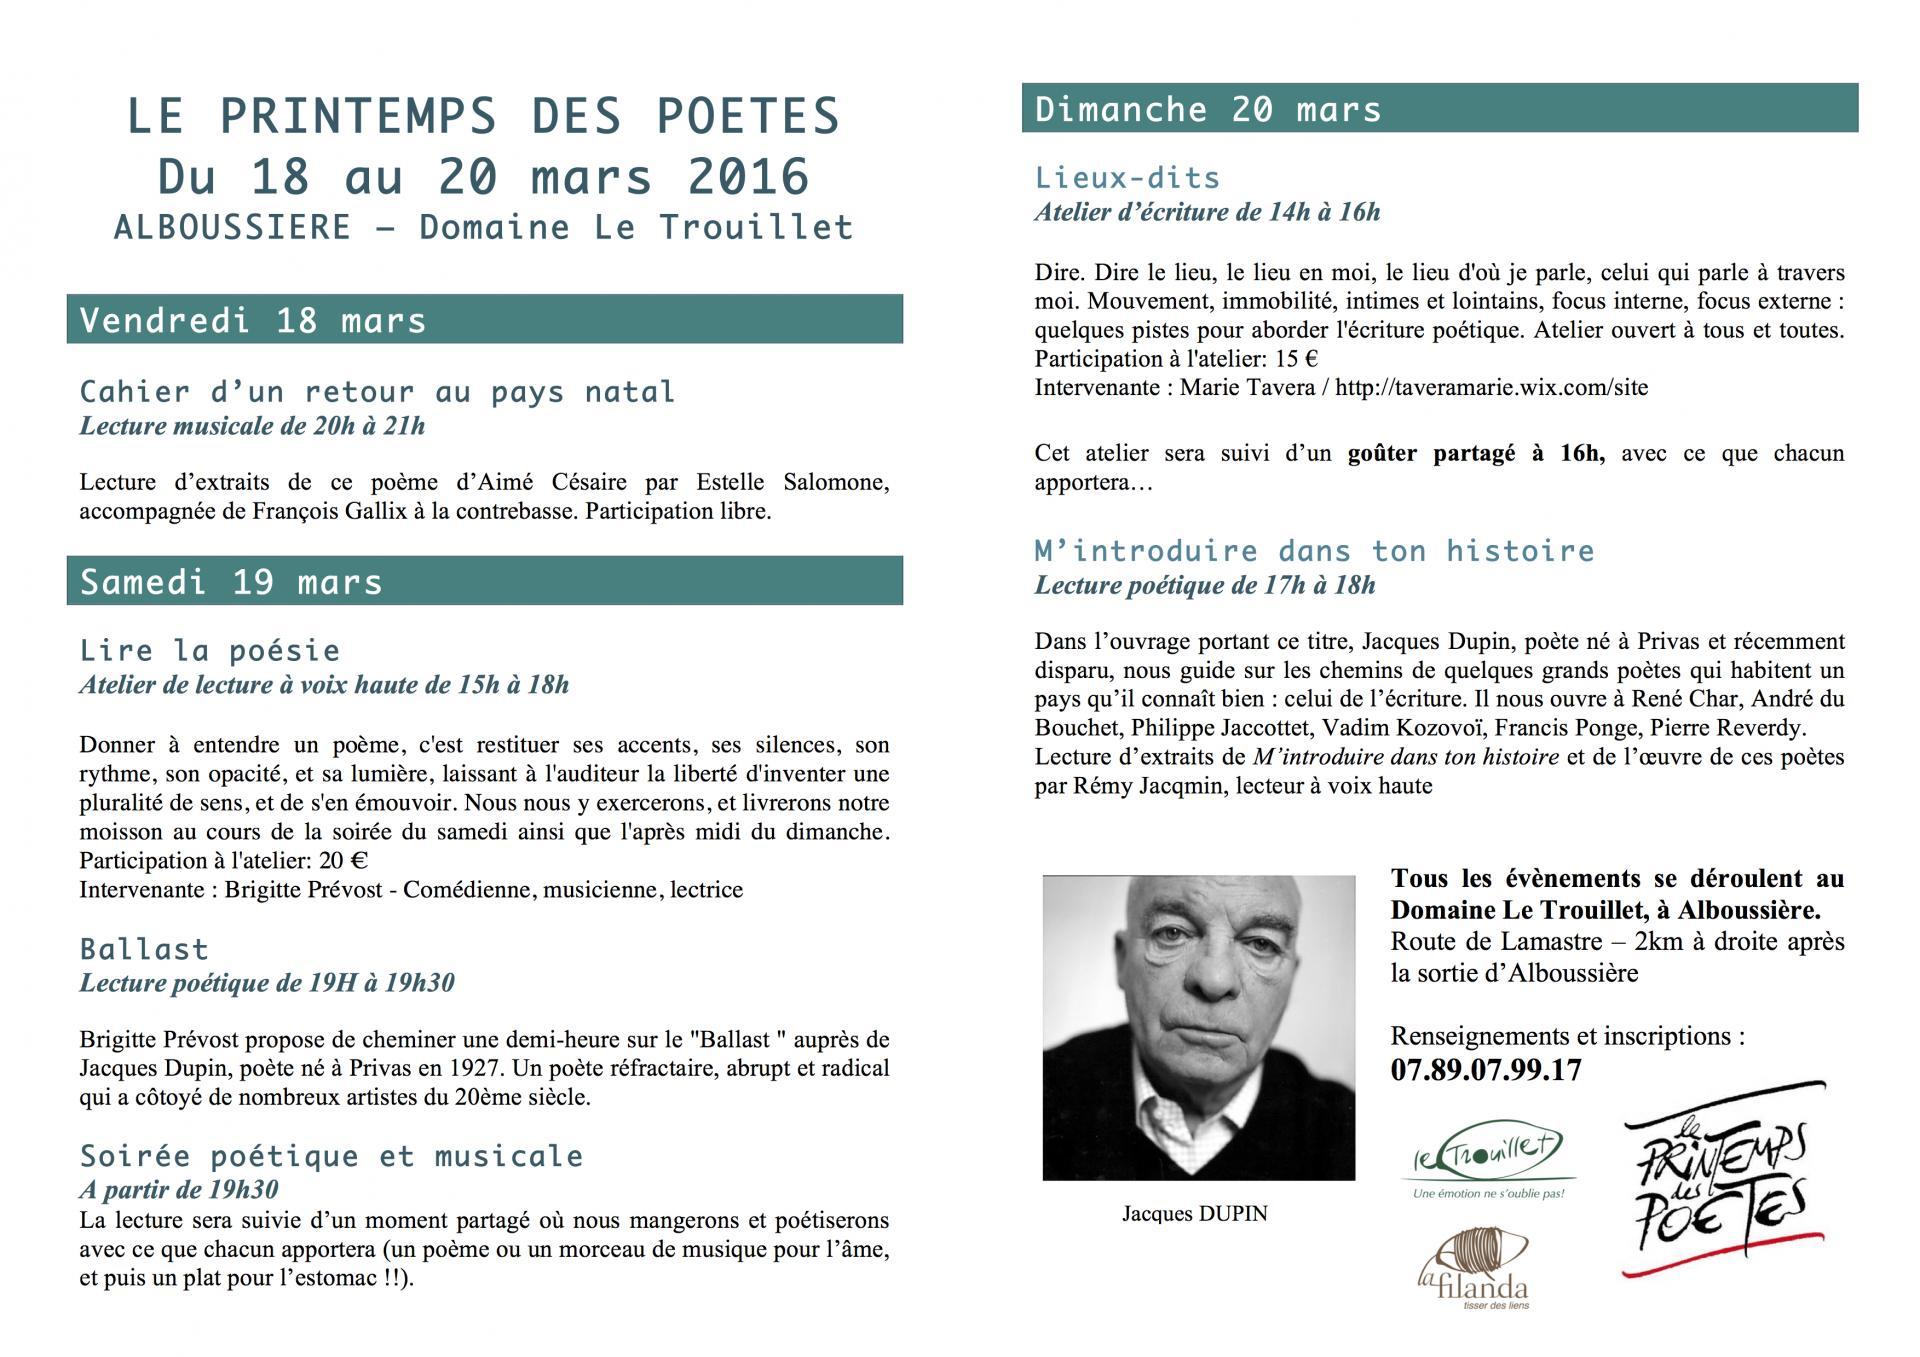 Printemps des poetes2016 alboussiere